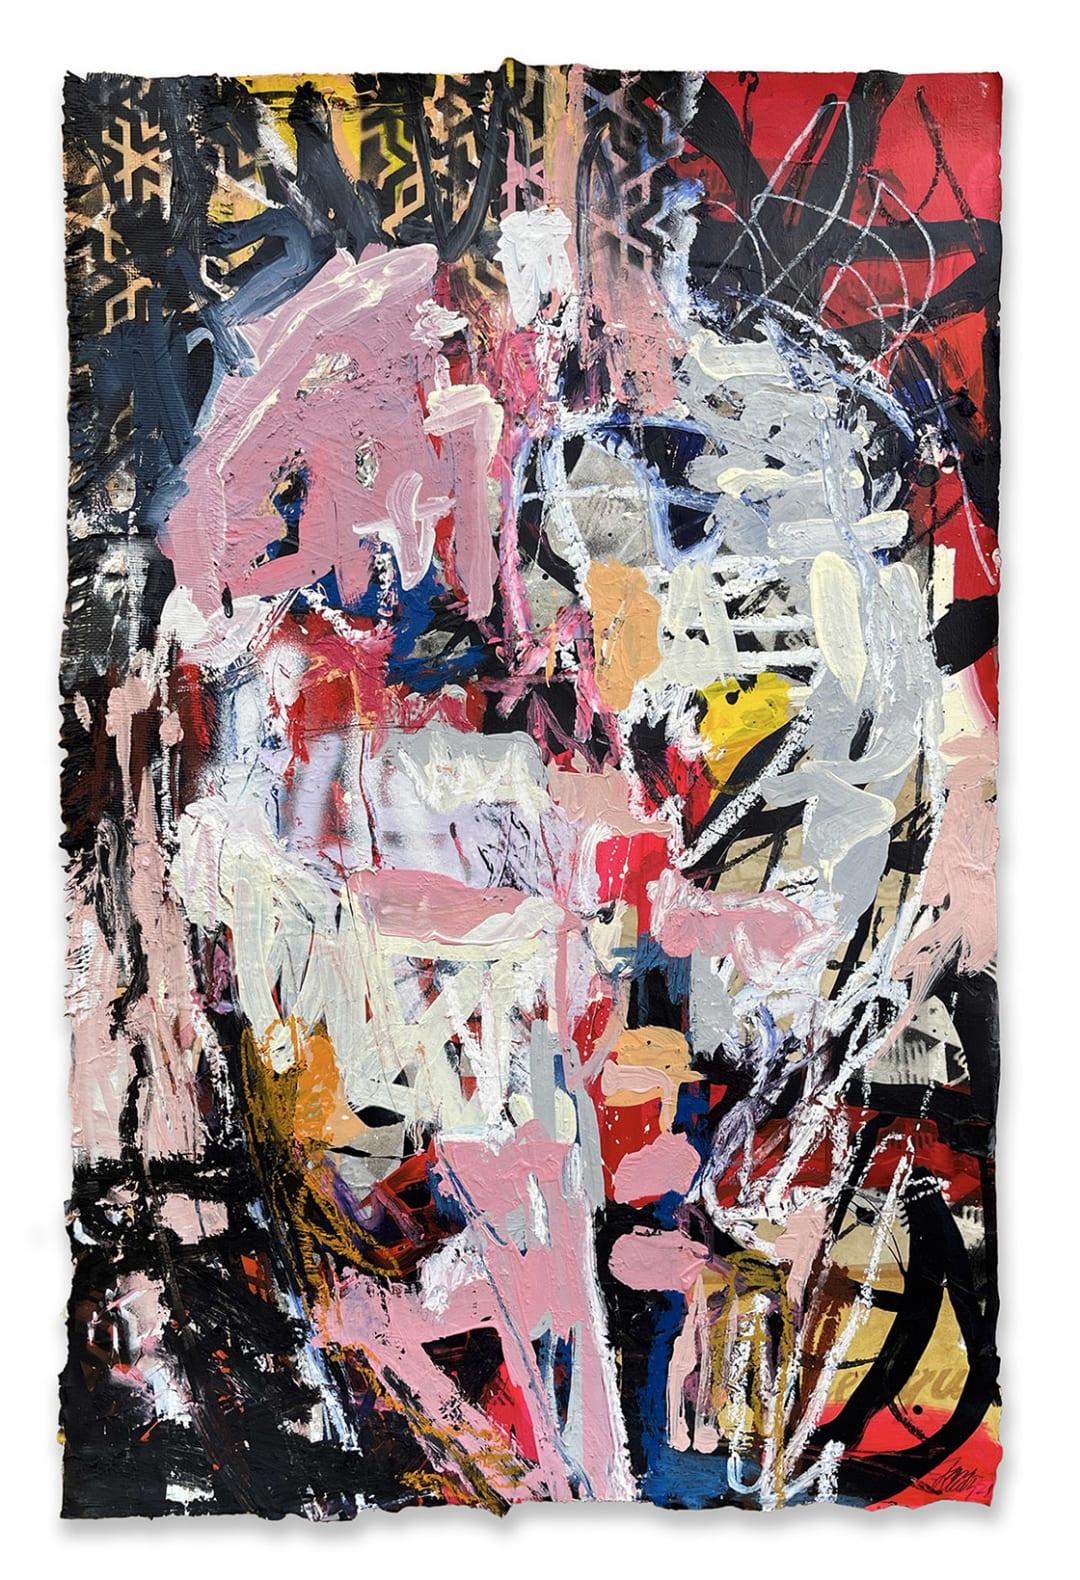 James Verbicky - Brain Scan, Spirit 6, 40 x 26 inches, 2021